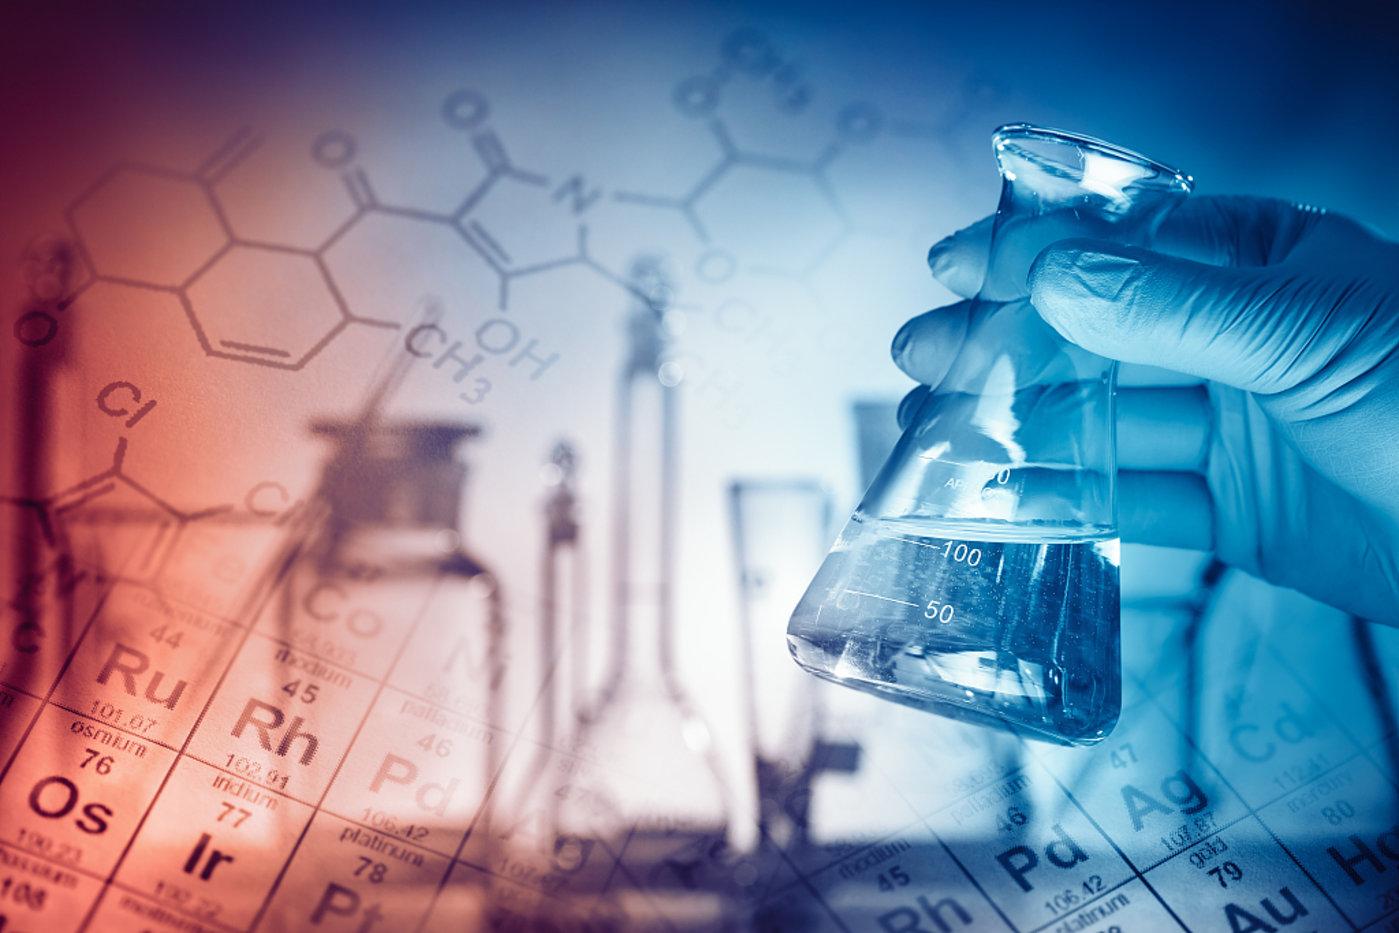 为加速国内新药上市,这家跨国企业将AI应用于临床研究   钛度专访